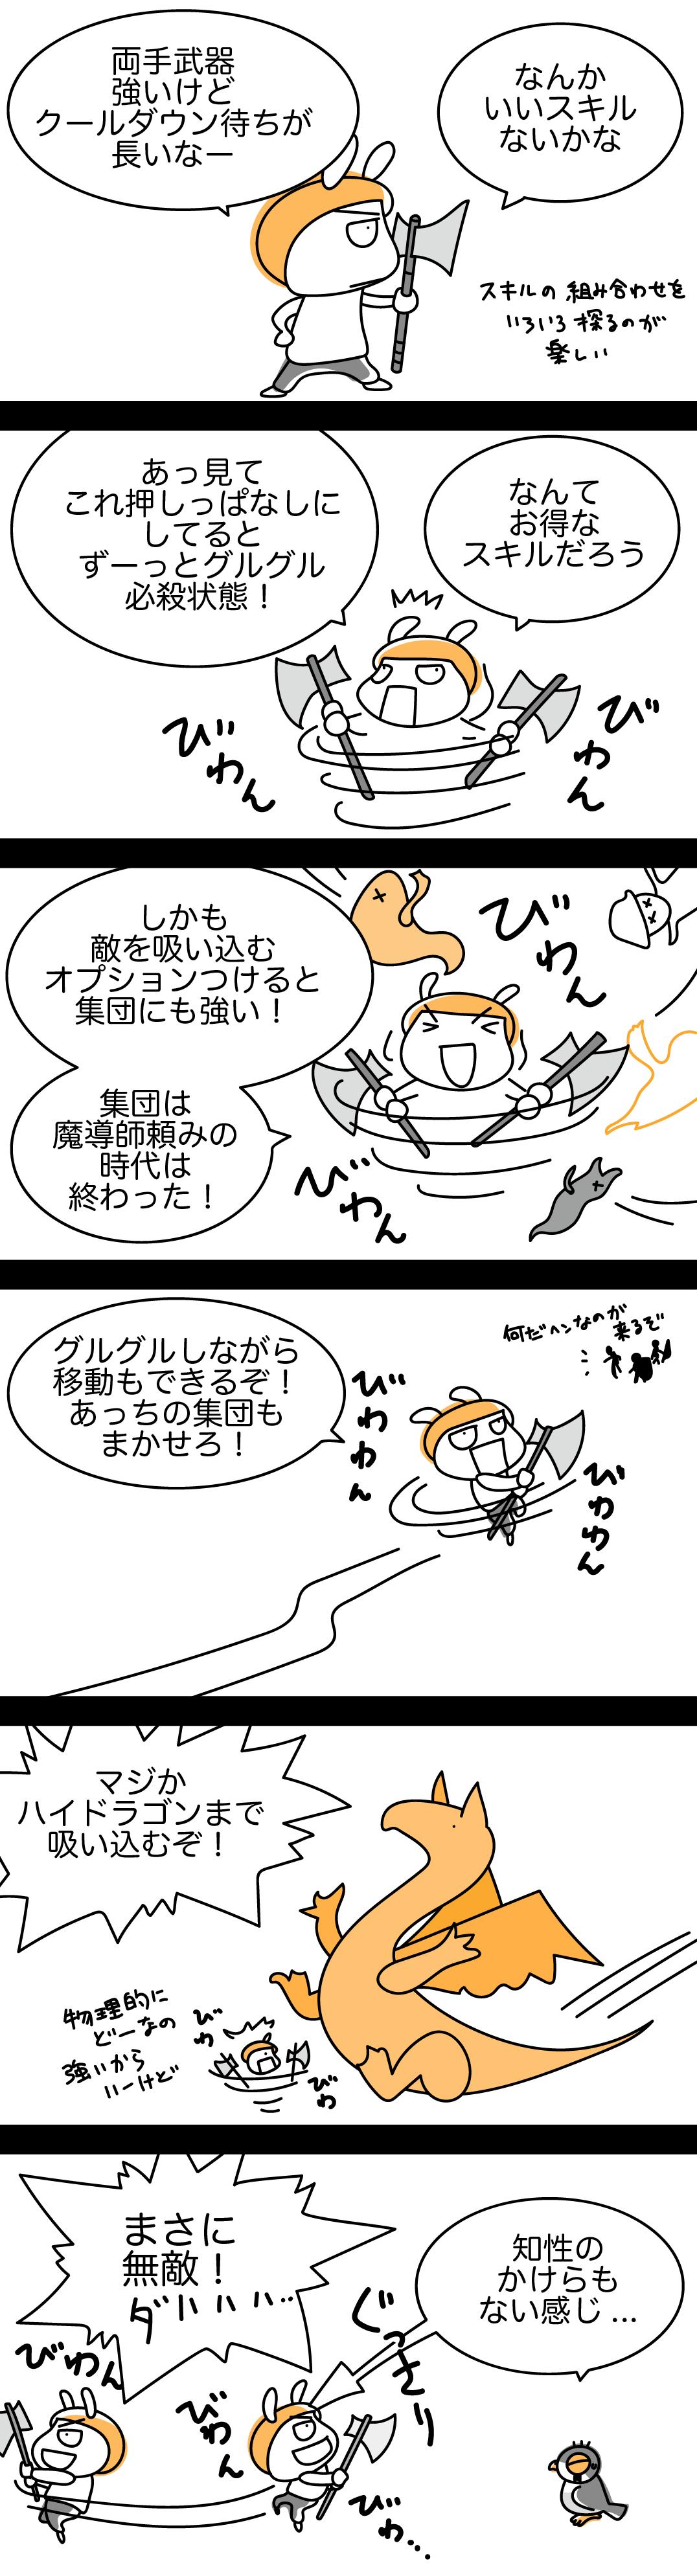 両手武器無双!グルグル攻撃最強説[ドラゴンエイジ:インクイジション]漫画